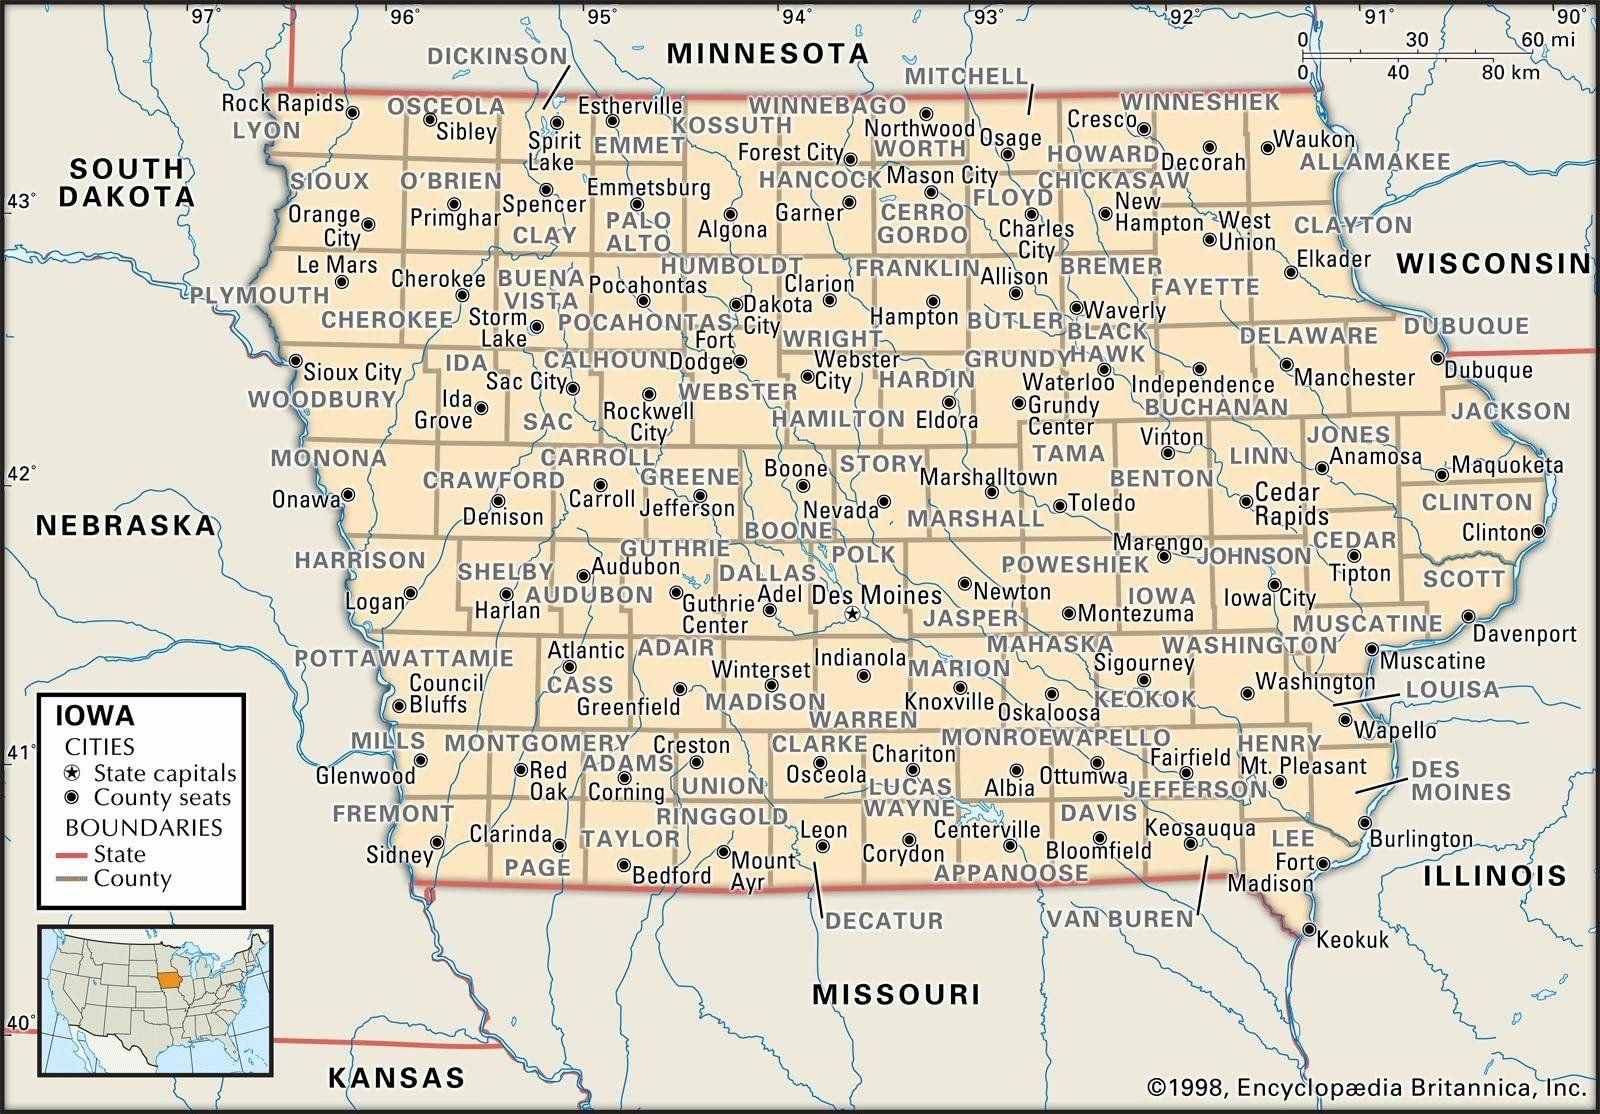 Pin By Erica Knudson On Iowa County Maps County Map Iowa County